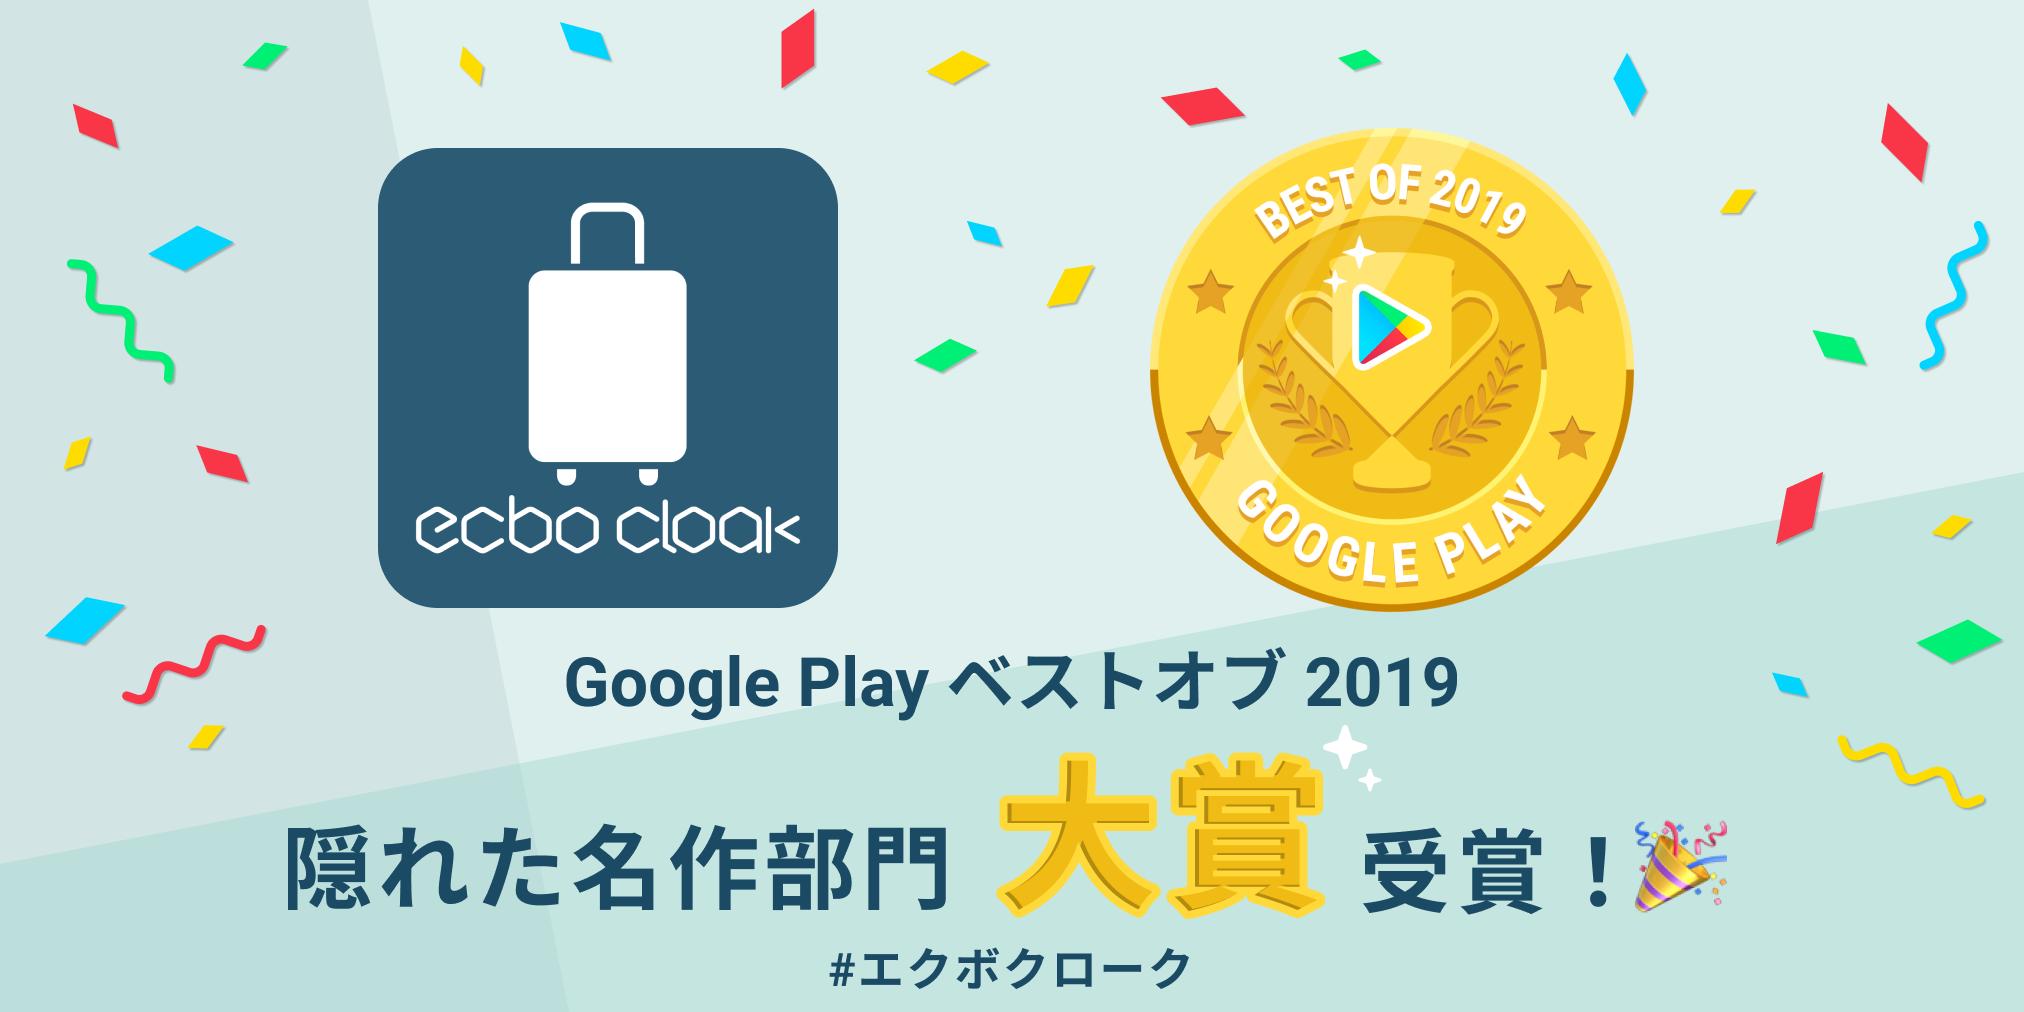 荷物預かりサービスecbo cloak、「Google Play ベストオブ 2019」隠れた名作部... 画像